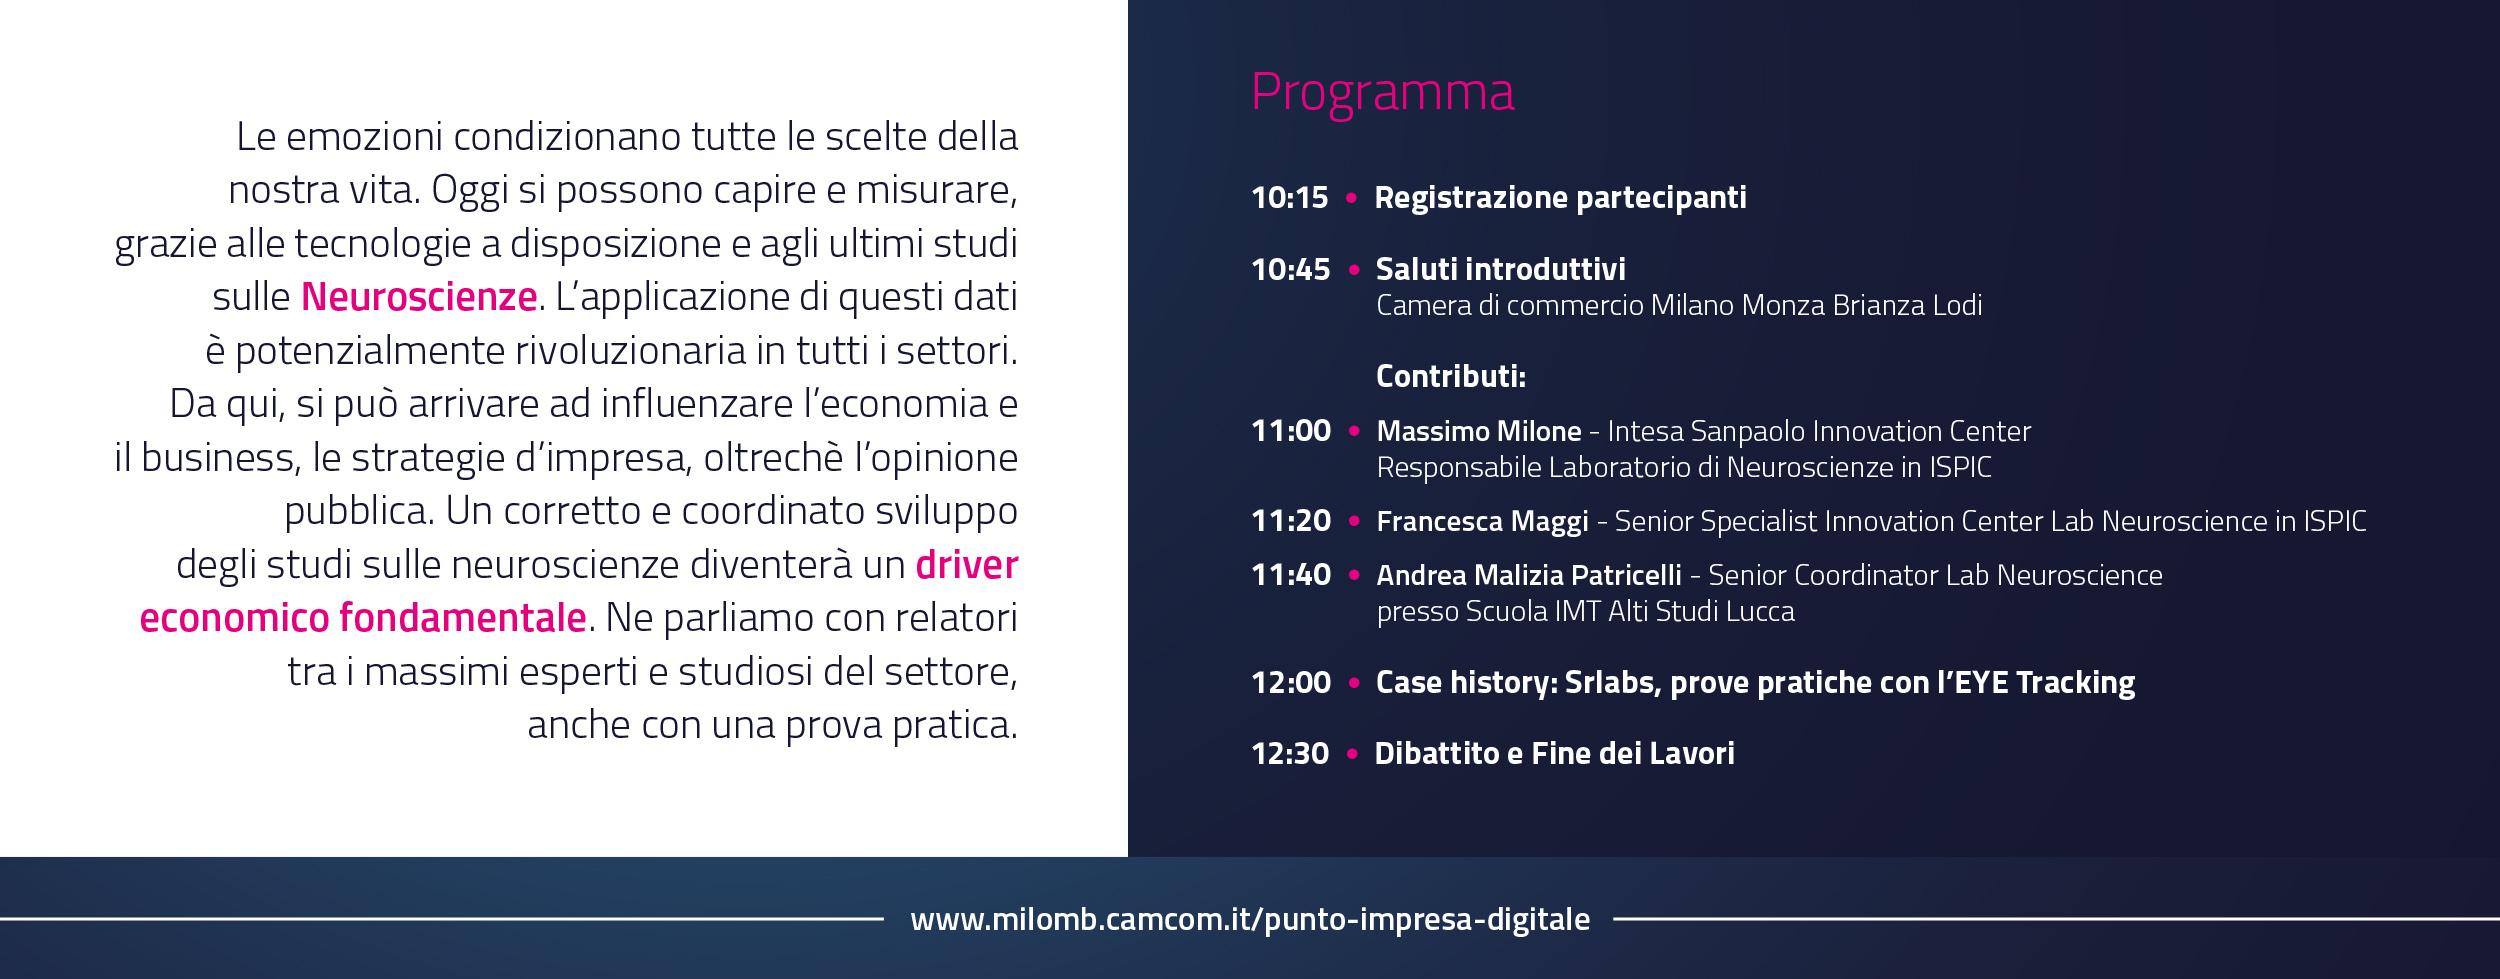 programma evento camera di commercio per il futuro delle imprese